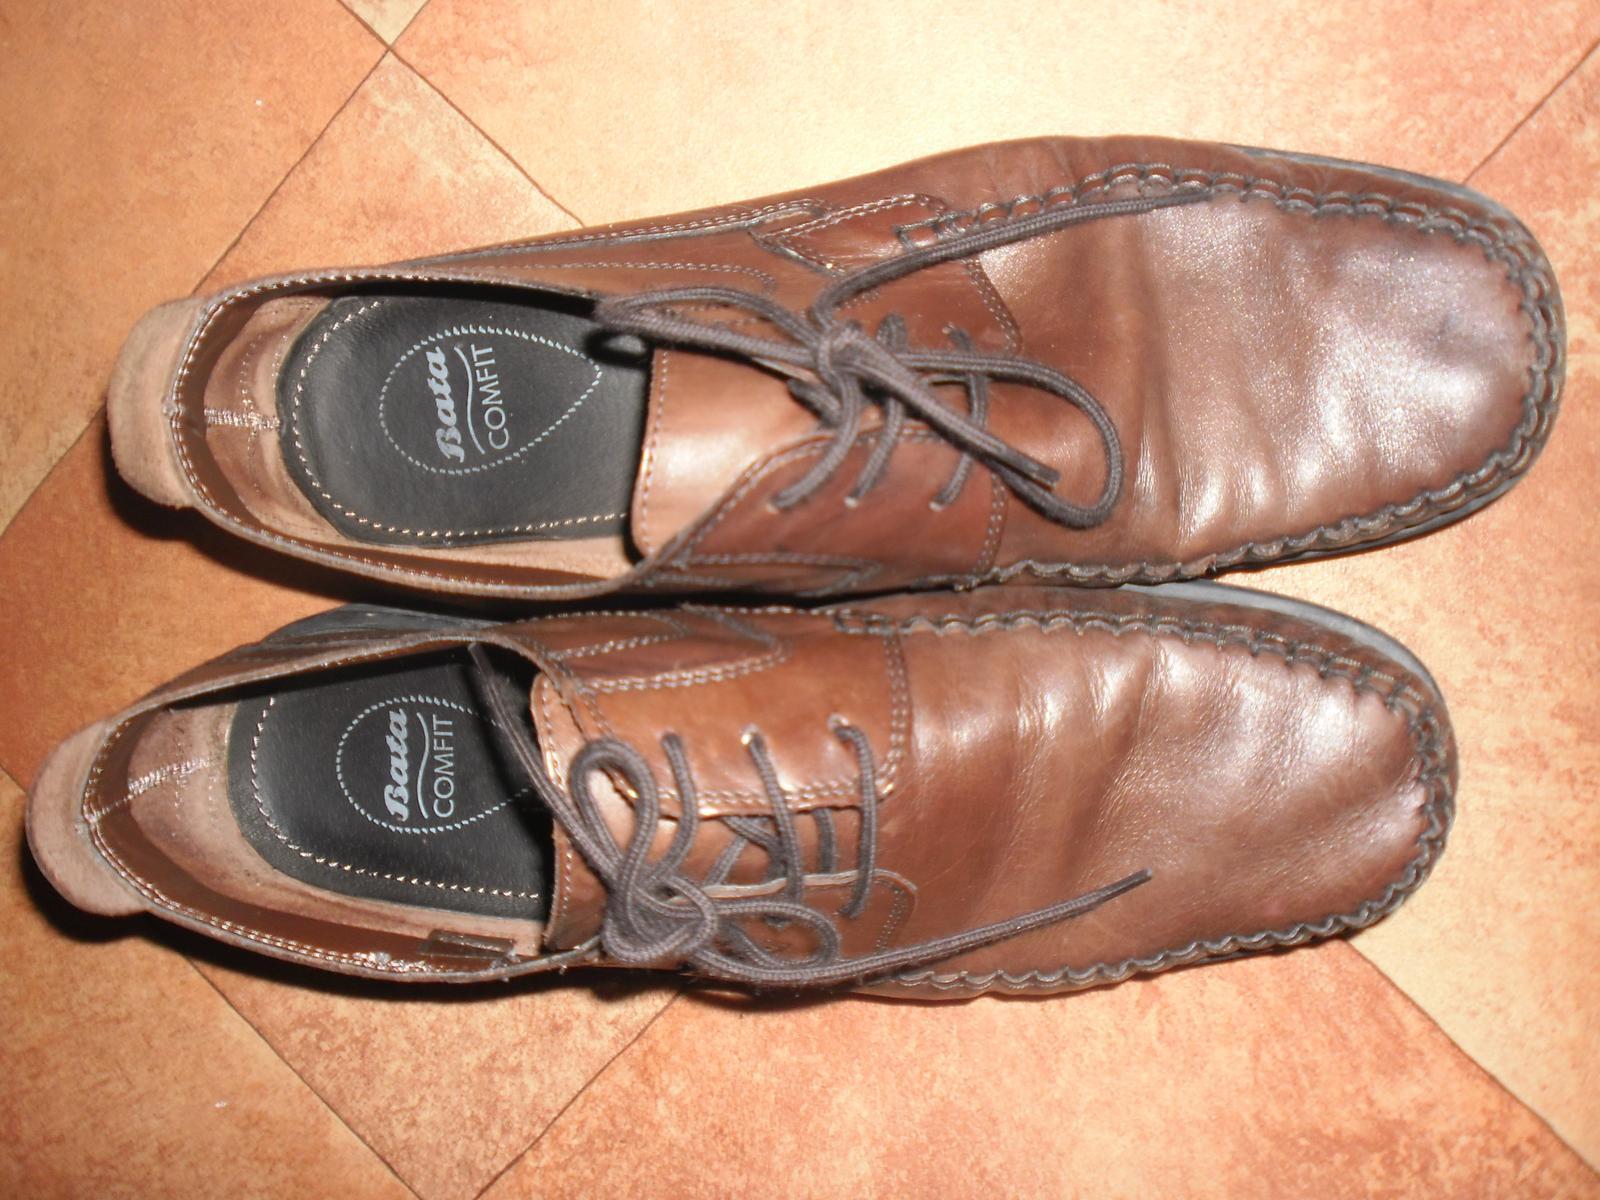 boty Baťa Comfit, vel 45 - Obrázek č. 1